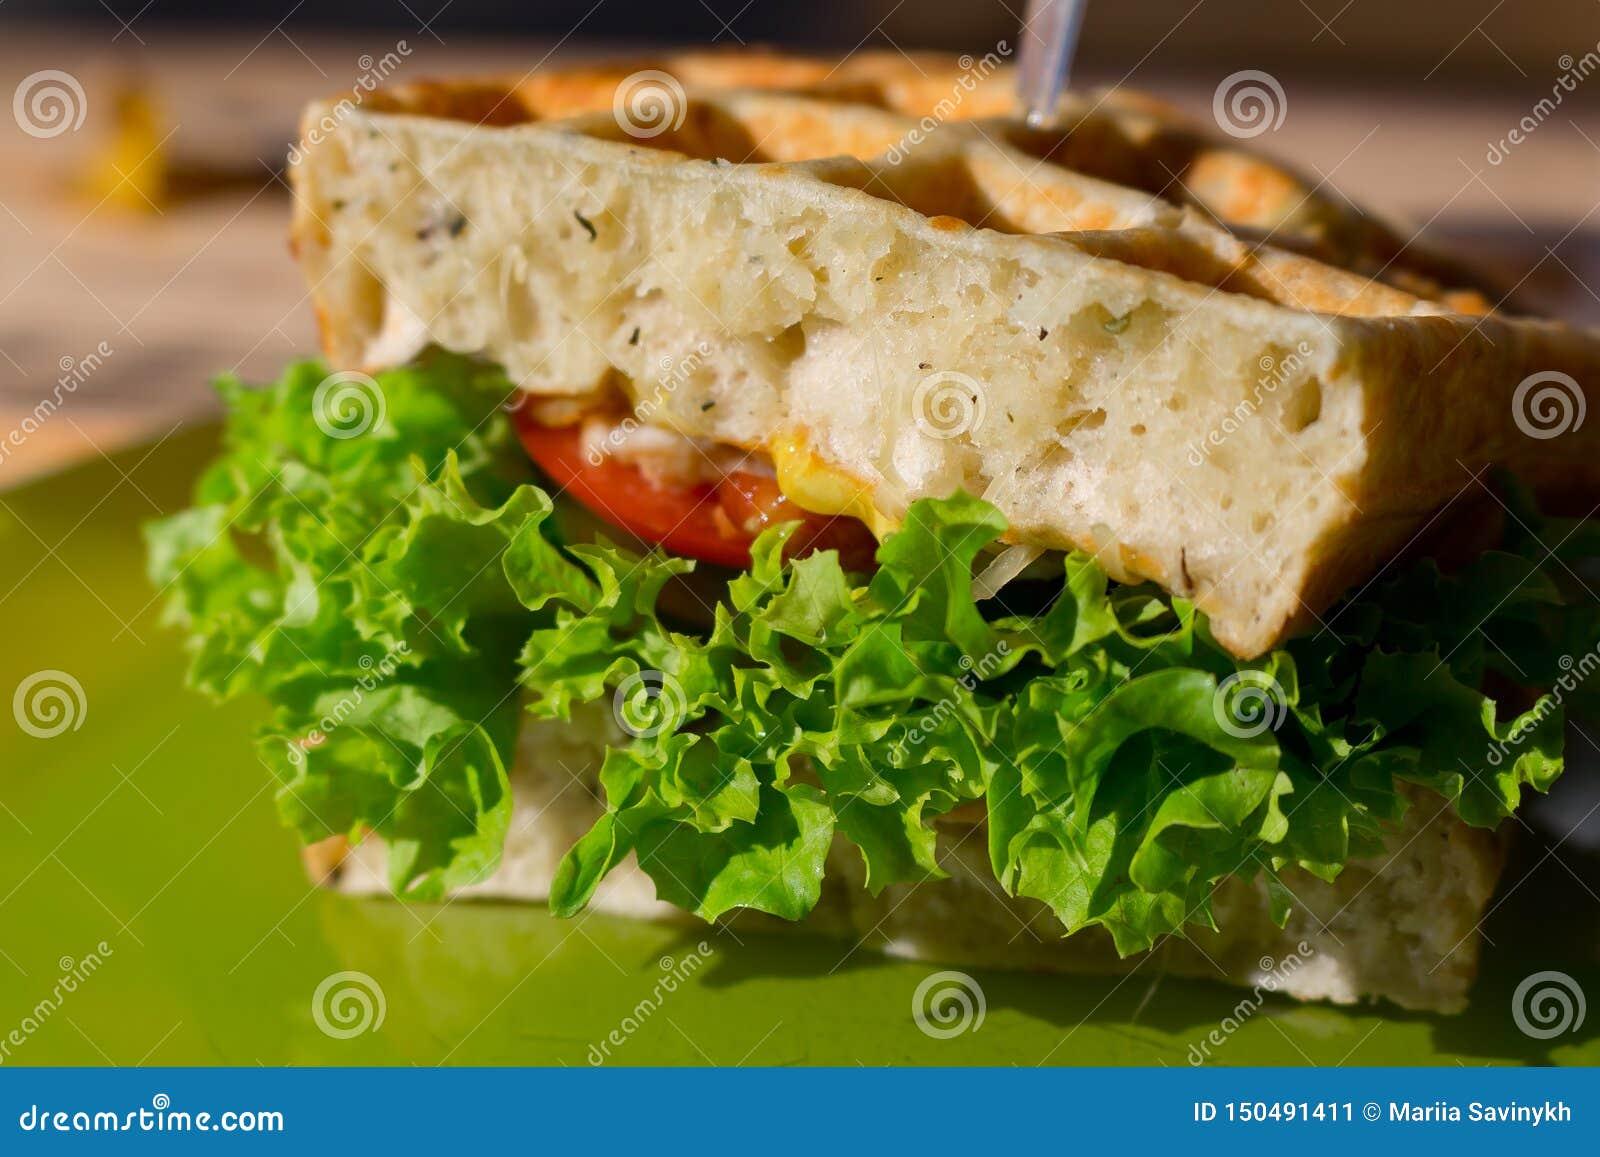 Bocadillo de club sabroso con el pan blanco de la galleta, tomate, cebolla, ensalada en la placa verde al aire libre